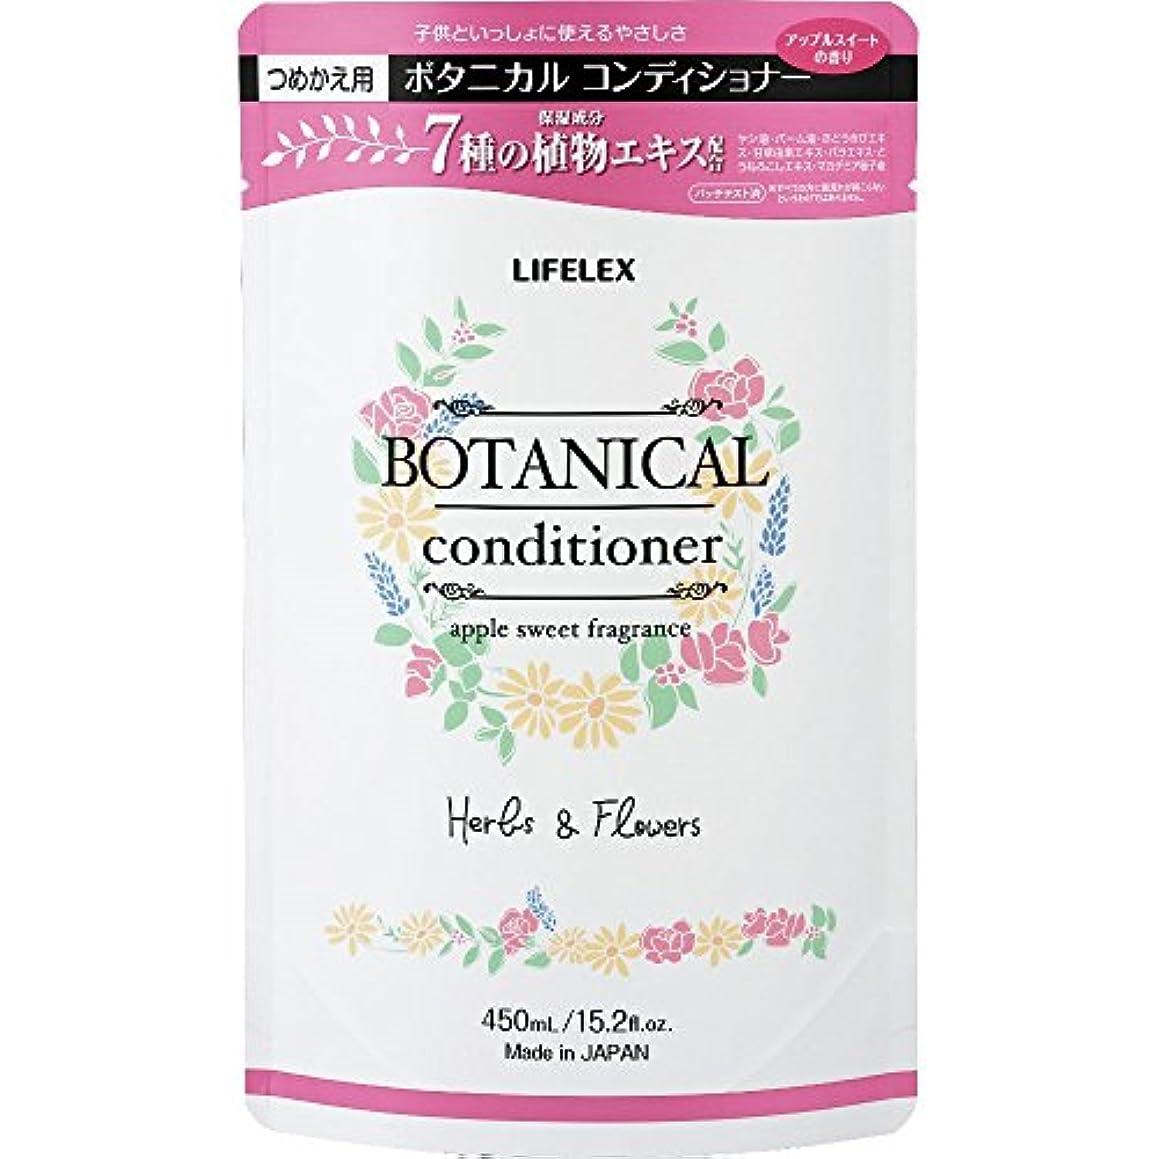 慈悲計算可能近代化するコーナン オリジナル LIFELEX ボタニカル コンディショナー アップルスイートの香り 詰め替え